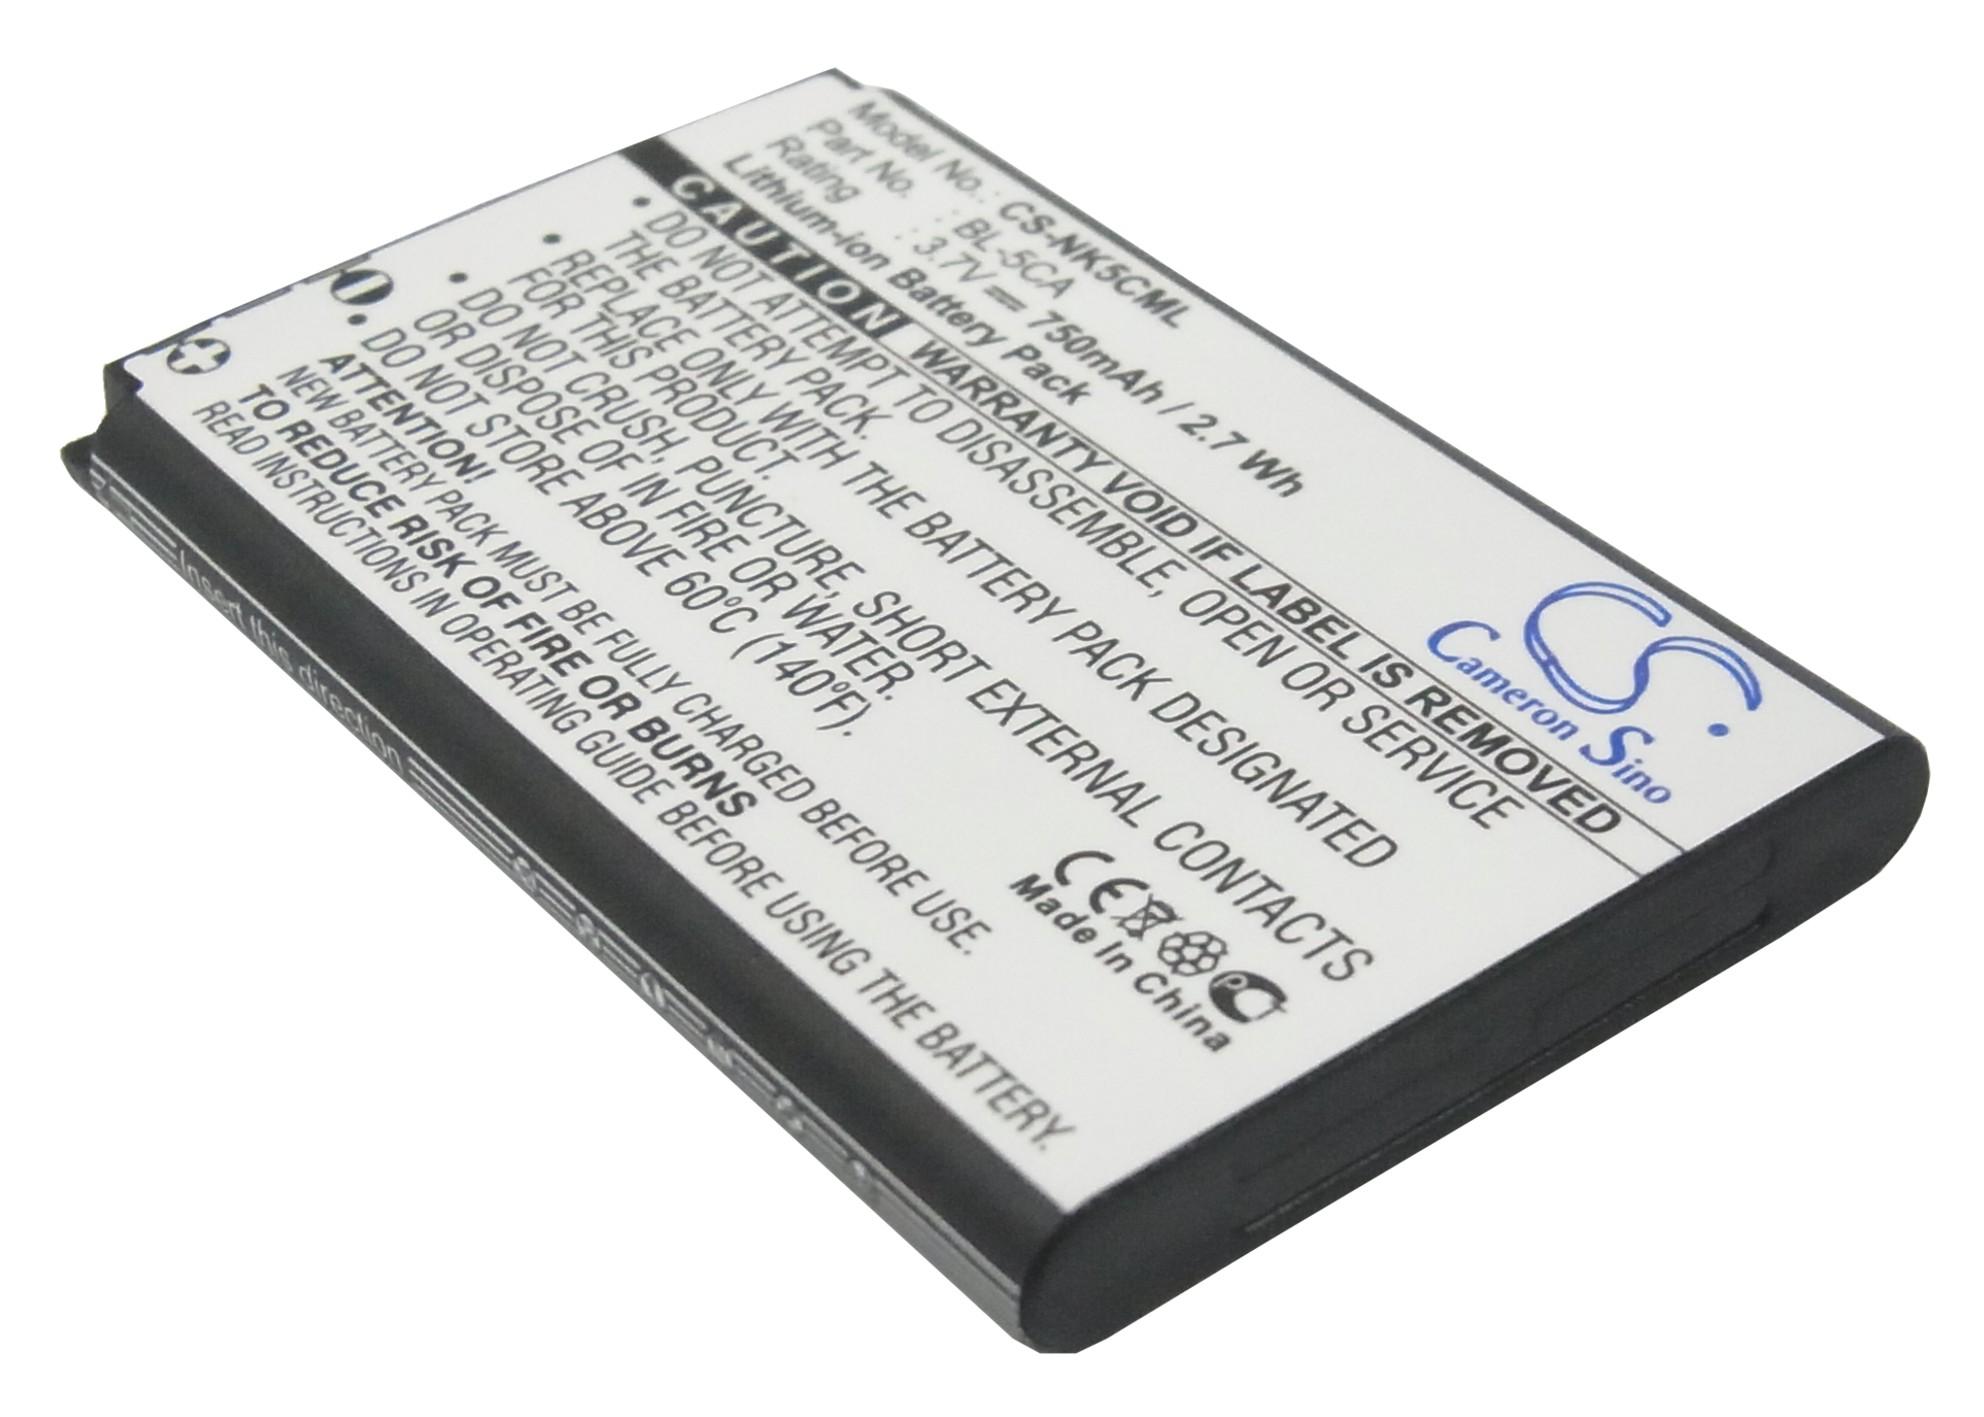 Cameron Sino baterie do mobilů pro NOKIA N-Gage 6630 3.7V Li-ion 750mAh černá - neoriginální